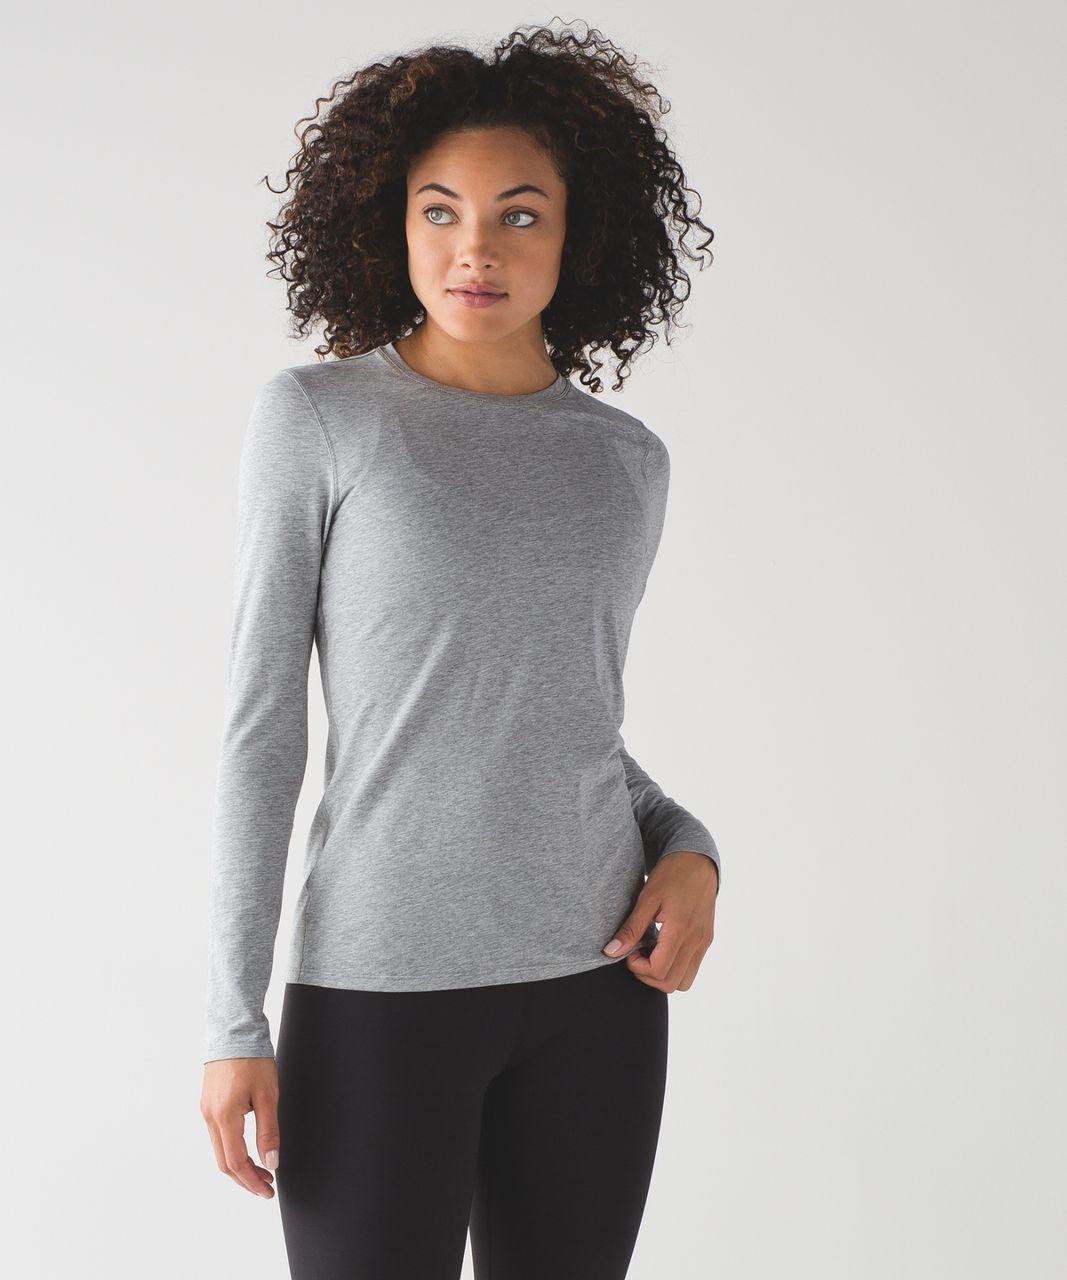 Lululemon Kitsilano Long Sleeve - Heathered Medium Grey